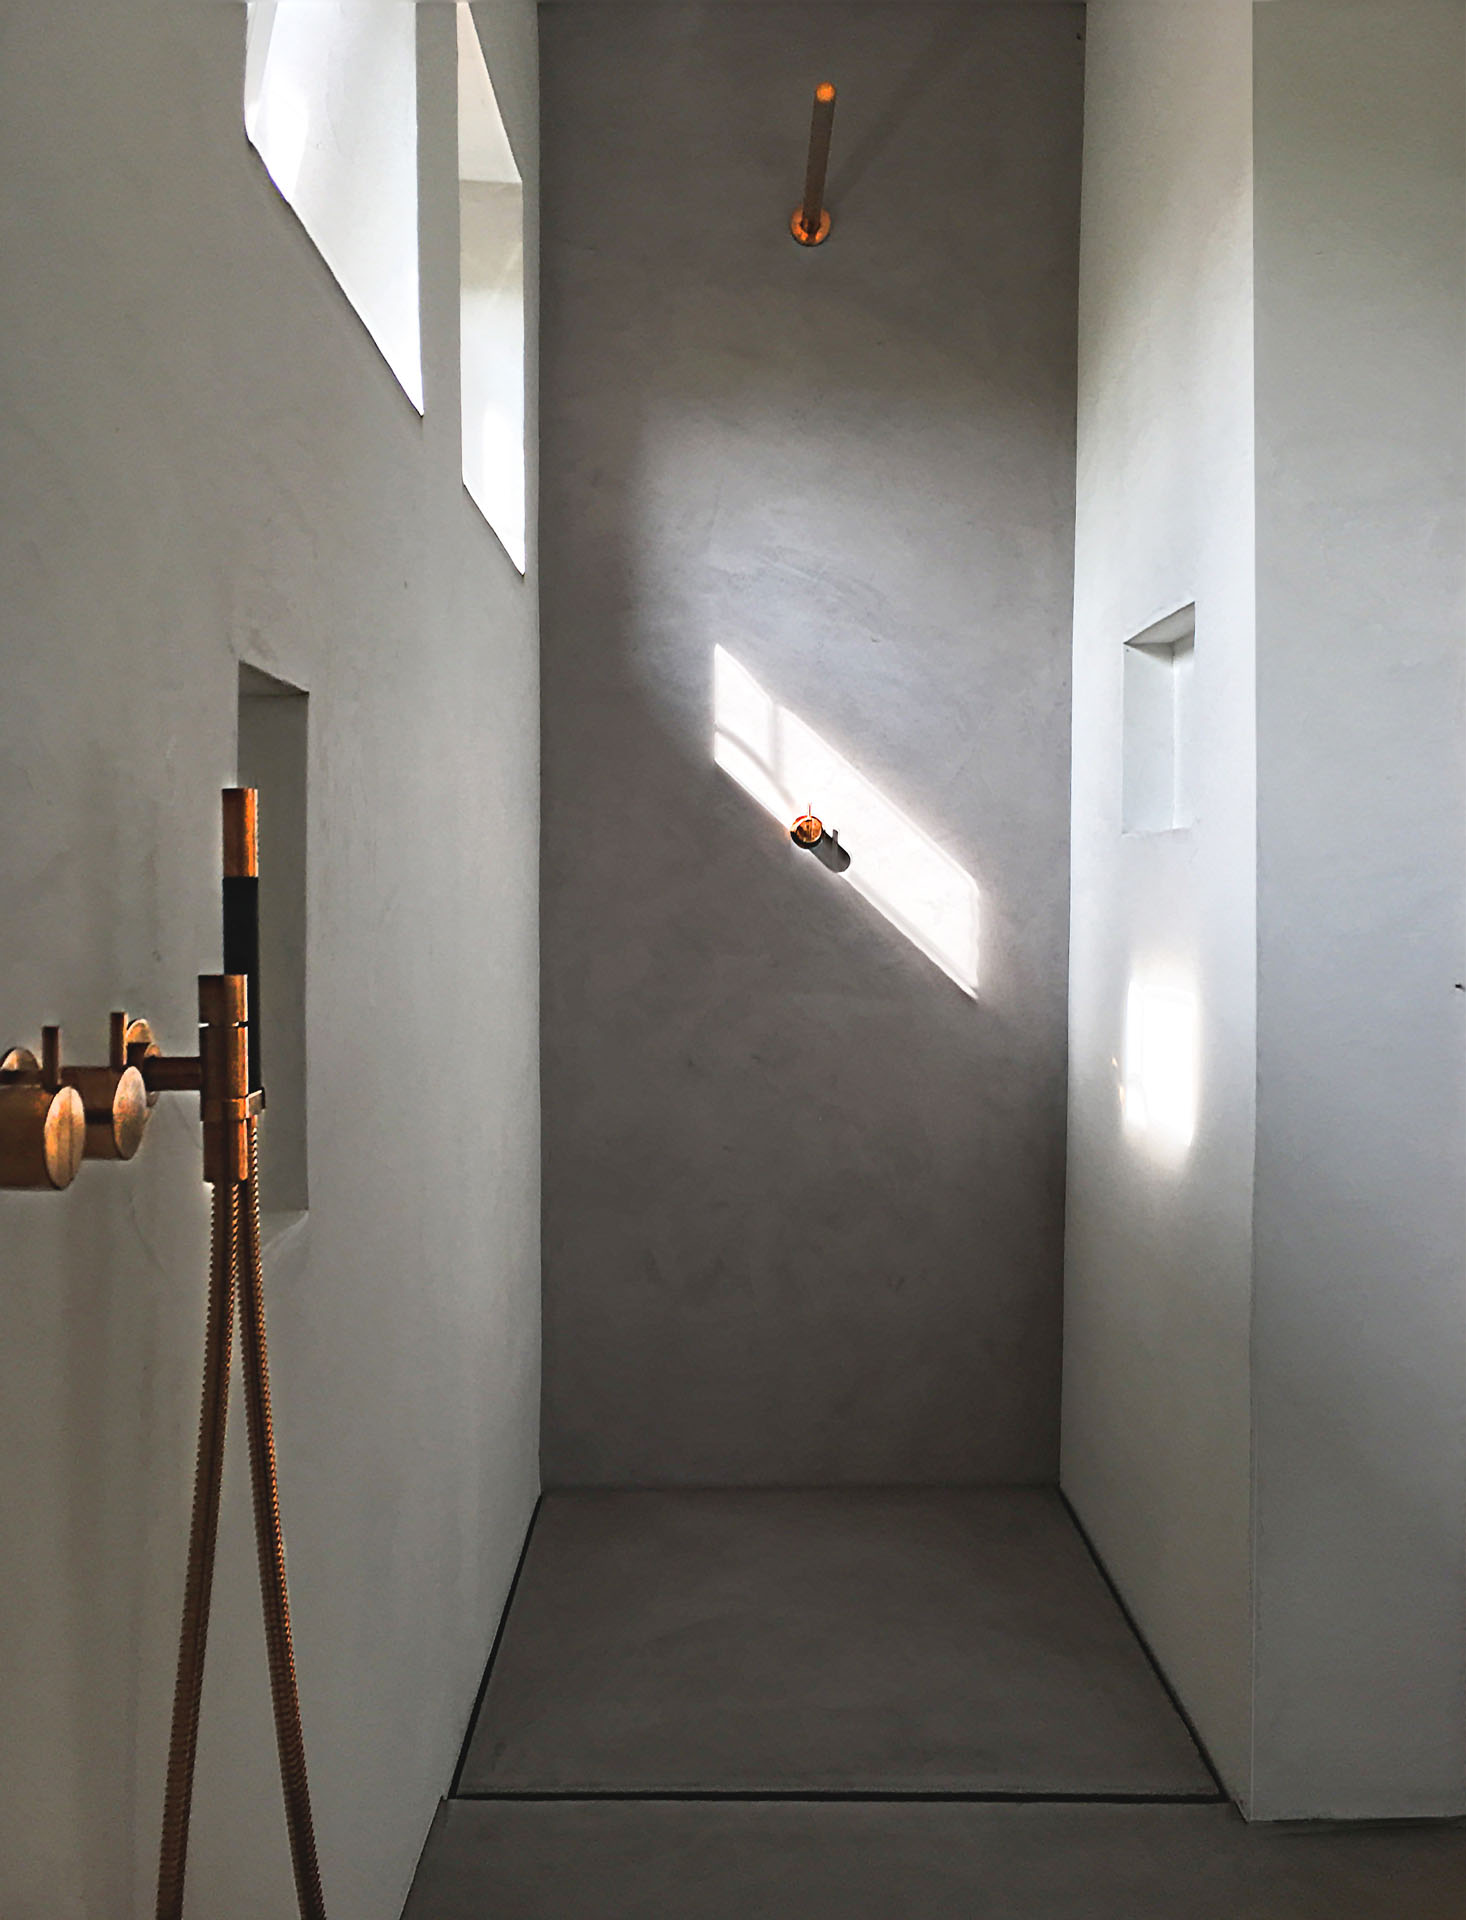 Full Size of Dusche Wand Beton Cire Design Raumkonzept Trier Lärmschutzwand Garten Nischentür Fliesen Für Küche Wandpaneel Glas Wandverkleidung Bett Bodengleiche Dusche Dusche Wand